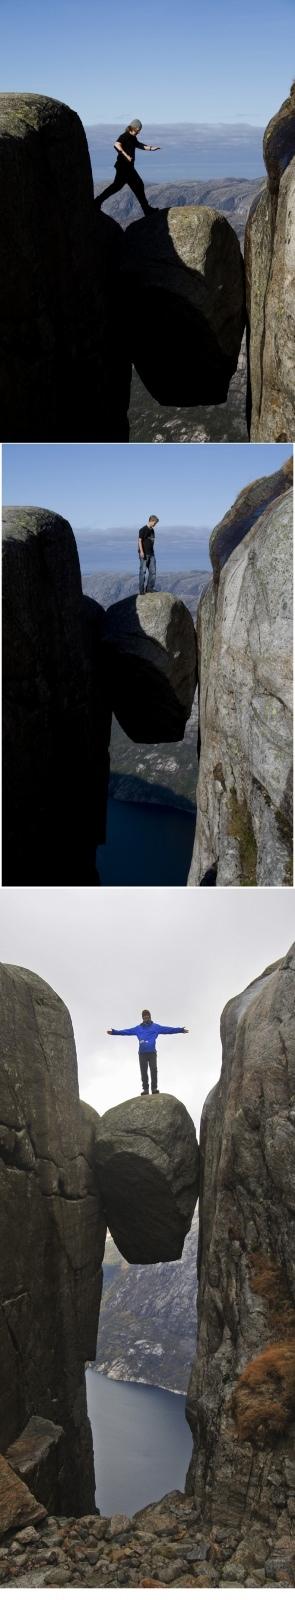 Yükseklik korkusu olanlar bakmasın! galerisi resim 14